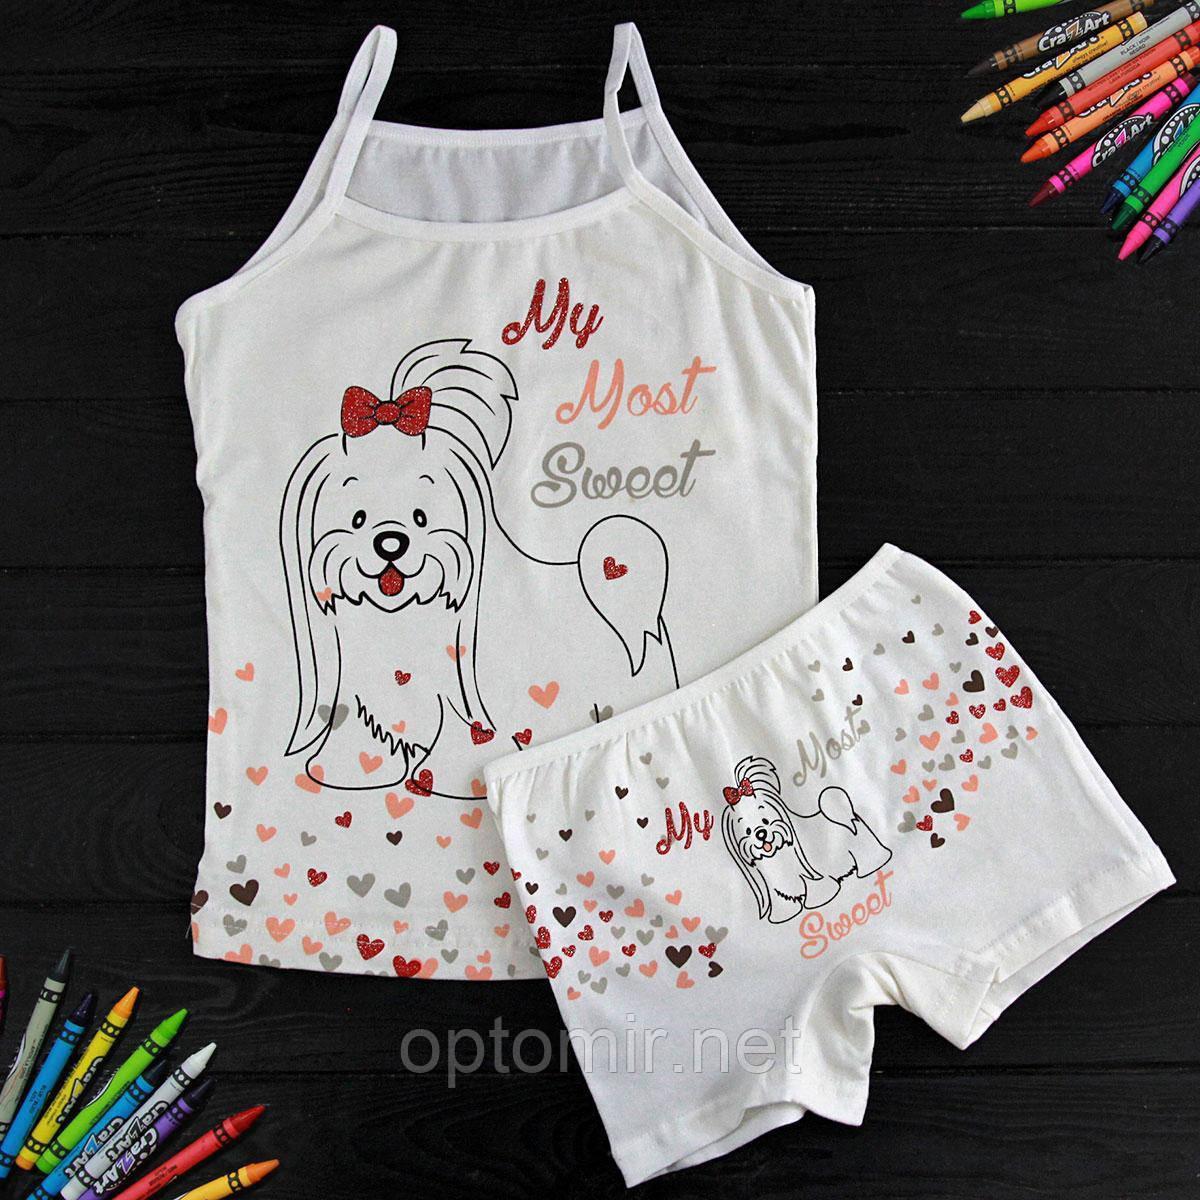 Комплект детский Donella с собачкой белыйдля девочки на 4/5 лет(шортики) | 1шт.